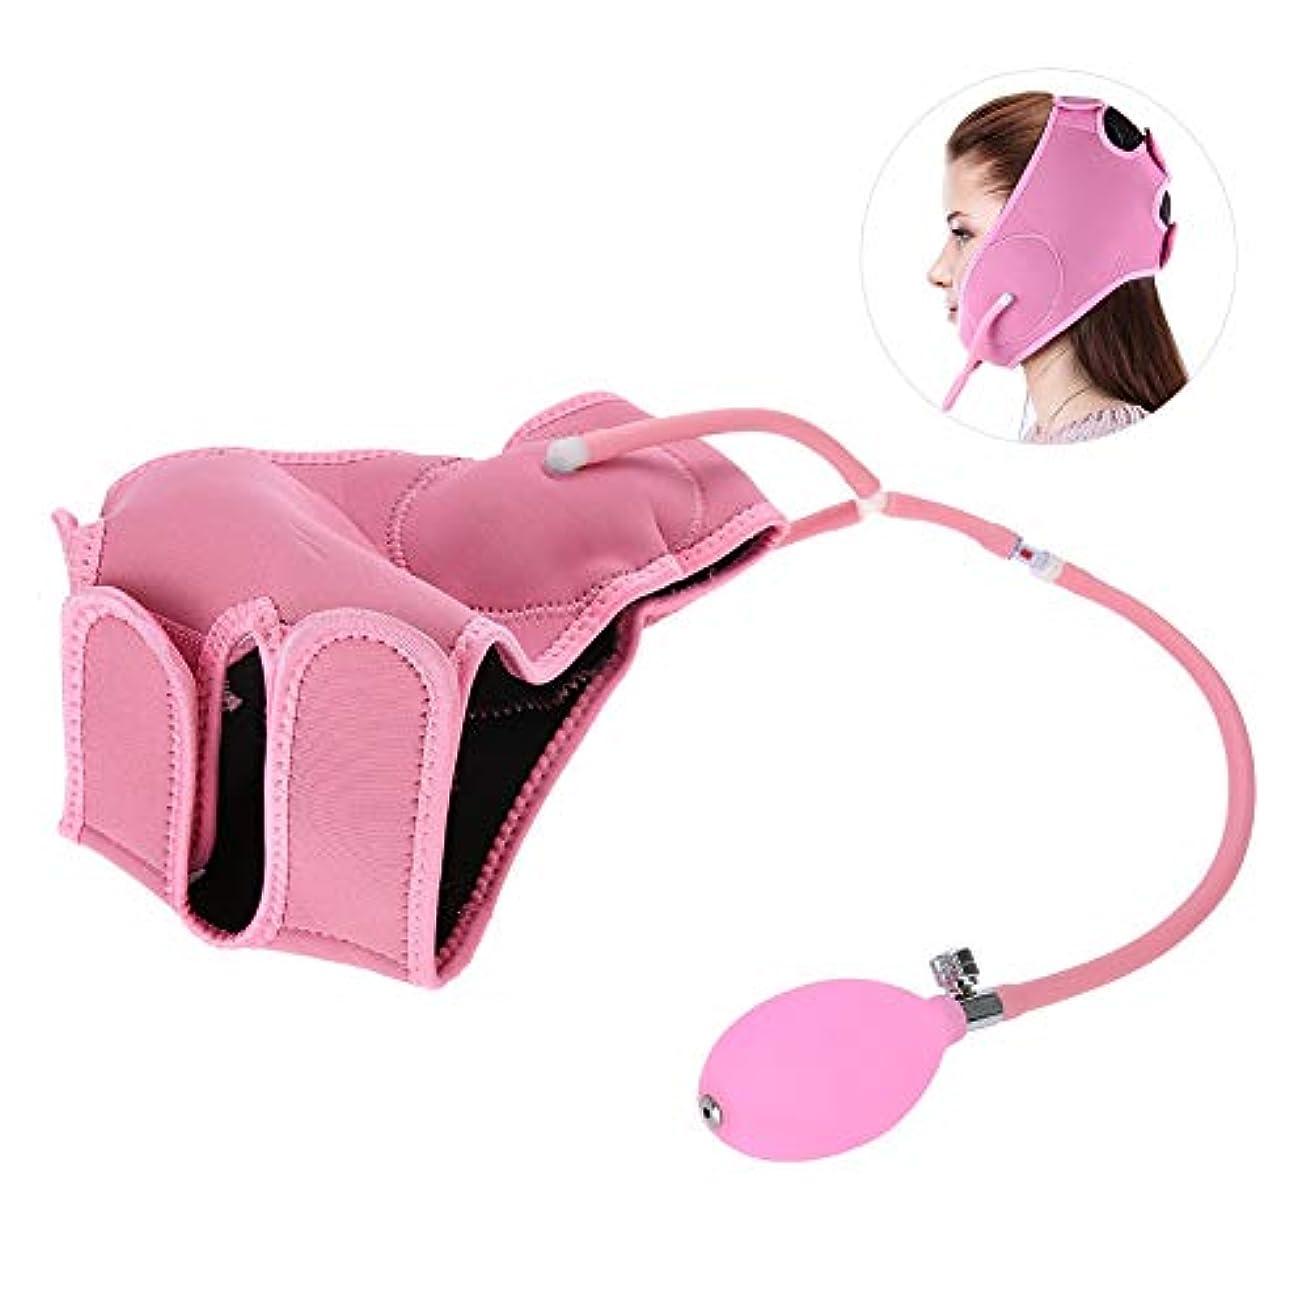 興味。スキーエアバッグフェイシャルマスク - フェイスマッサージベルト - 包帯/薄いフェイスベルト - 美容ツールピンク